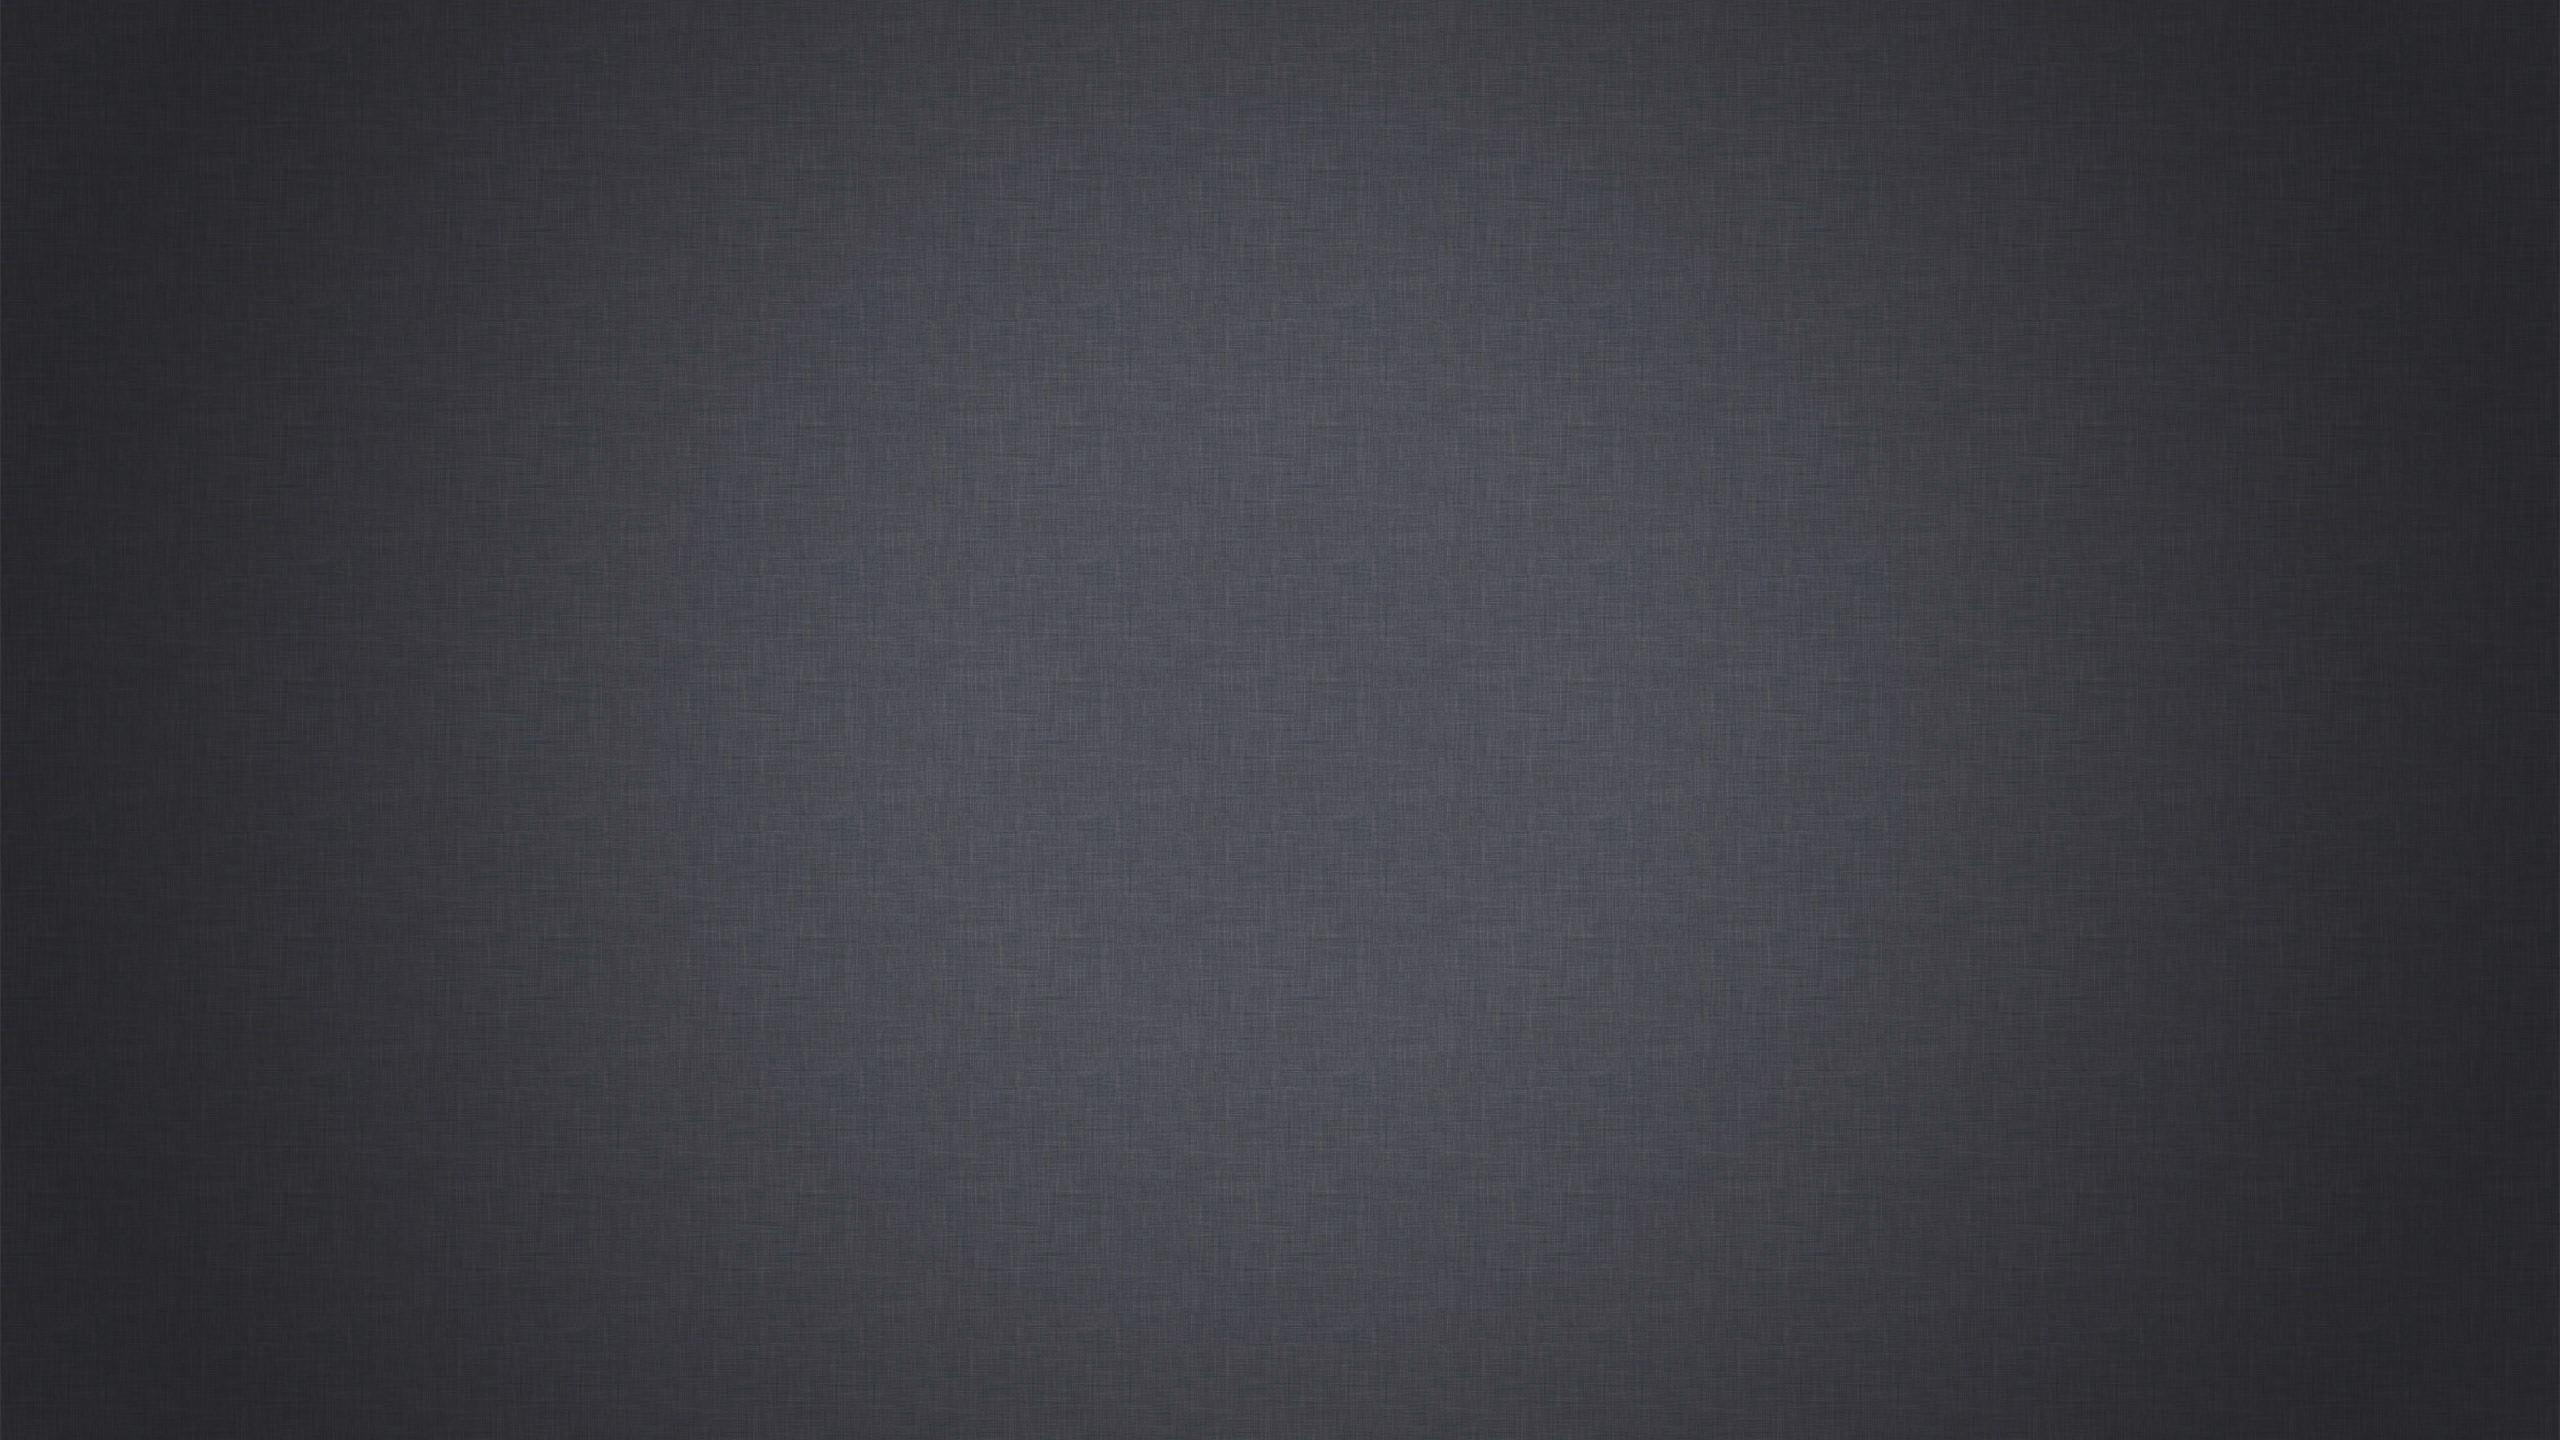 Fond Décran Noir Texte Modèle Texture Cercle Marque